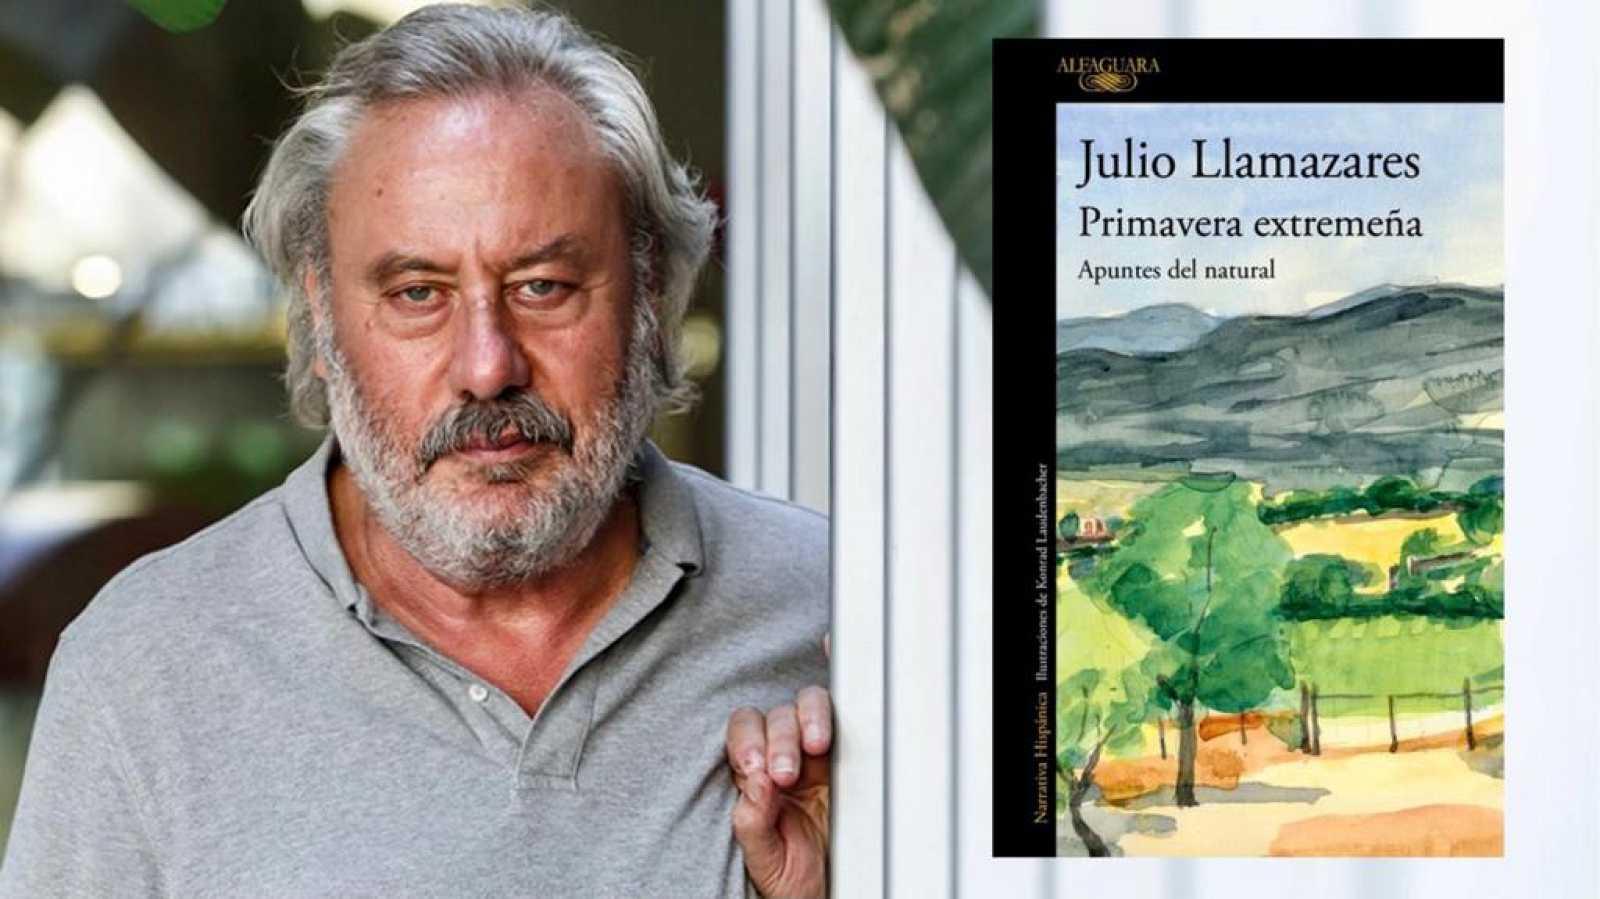 No es un día cualquiera - Julio Llamazares - Antonio Lucas - 'La librería' - 29/11/2020 - Escuchar ahora